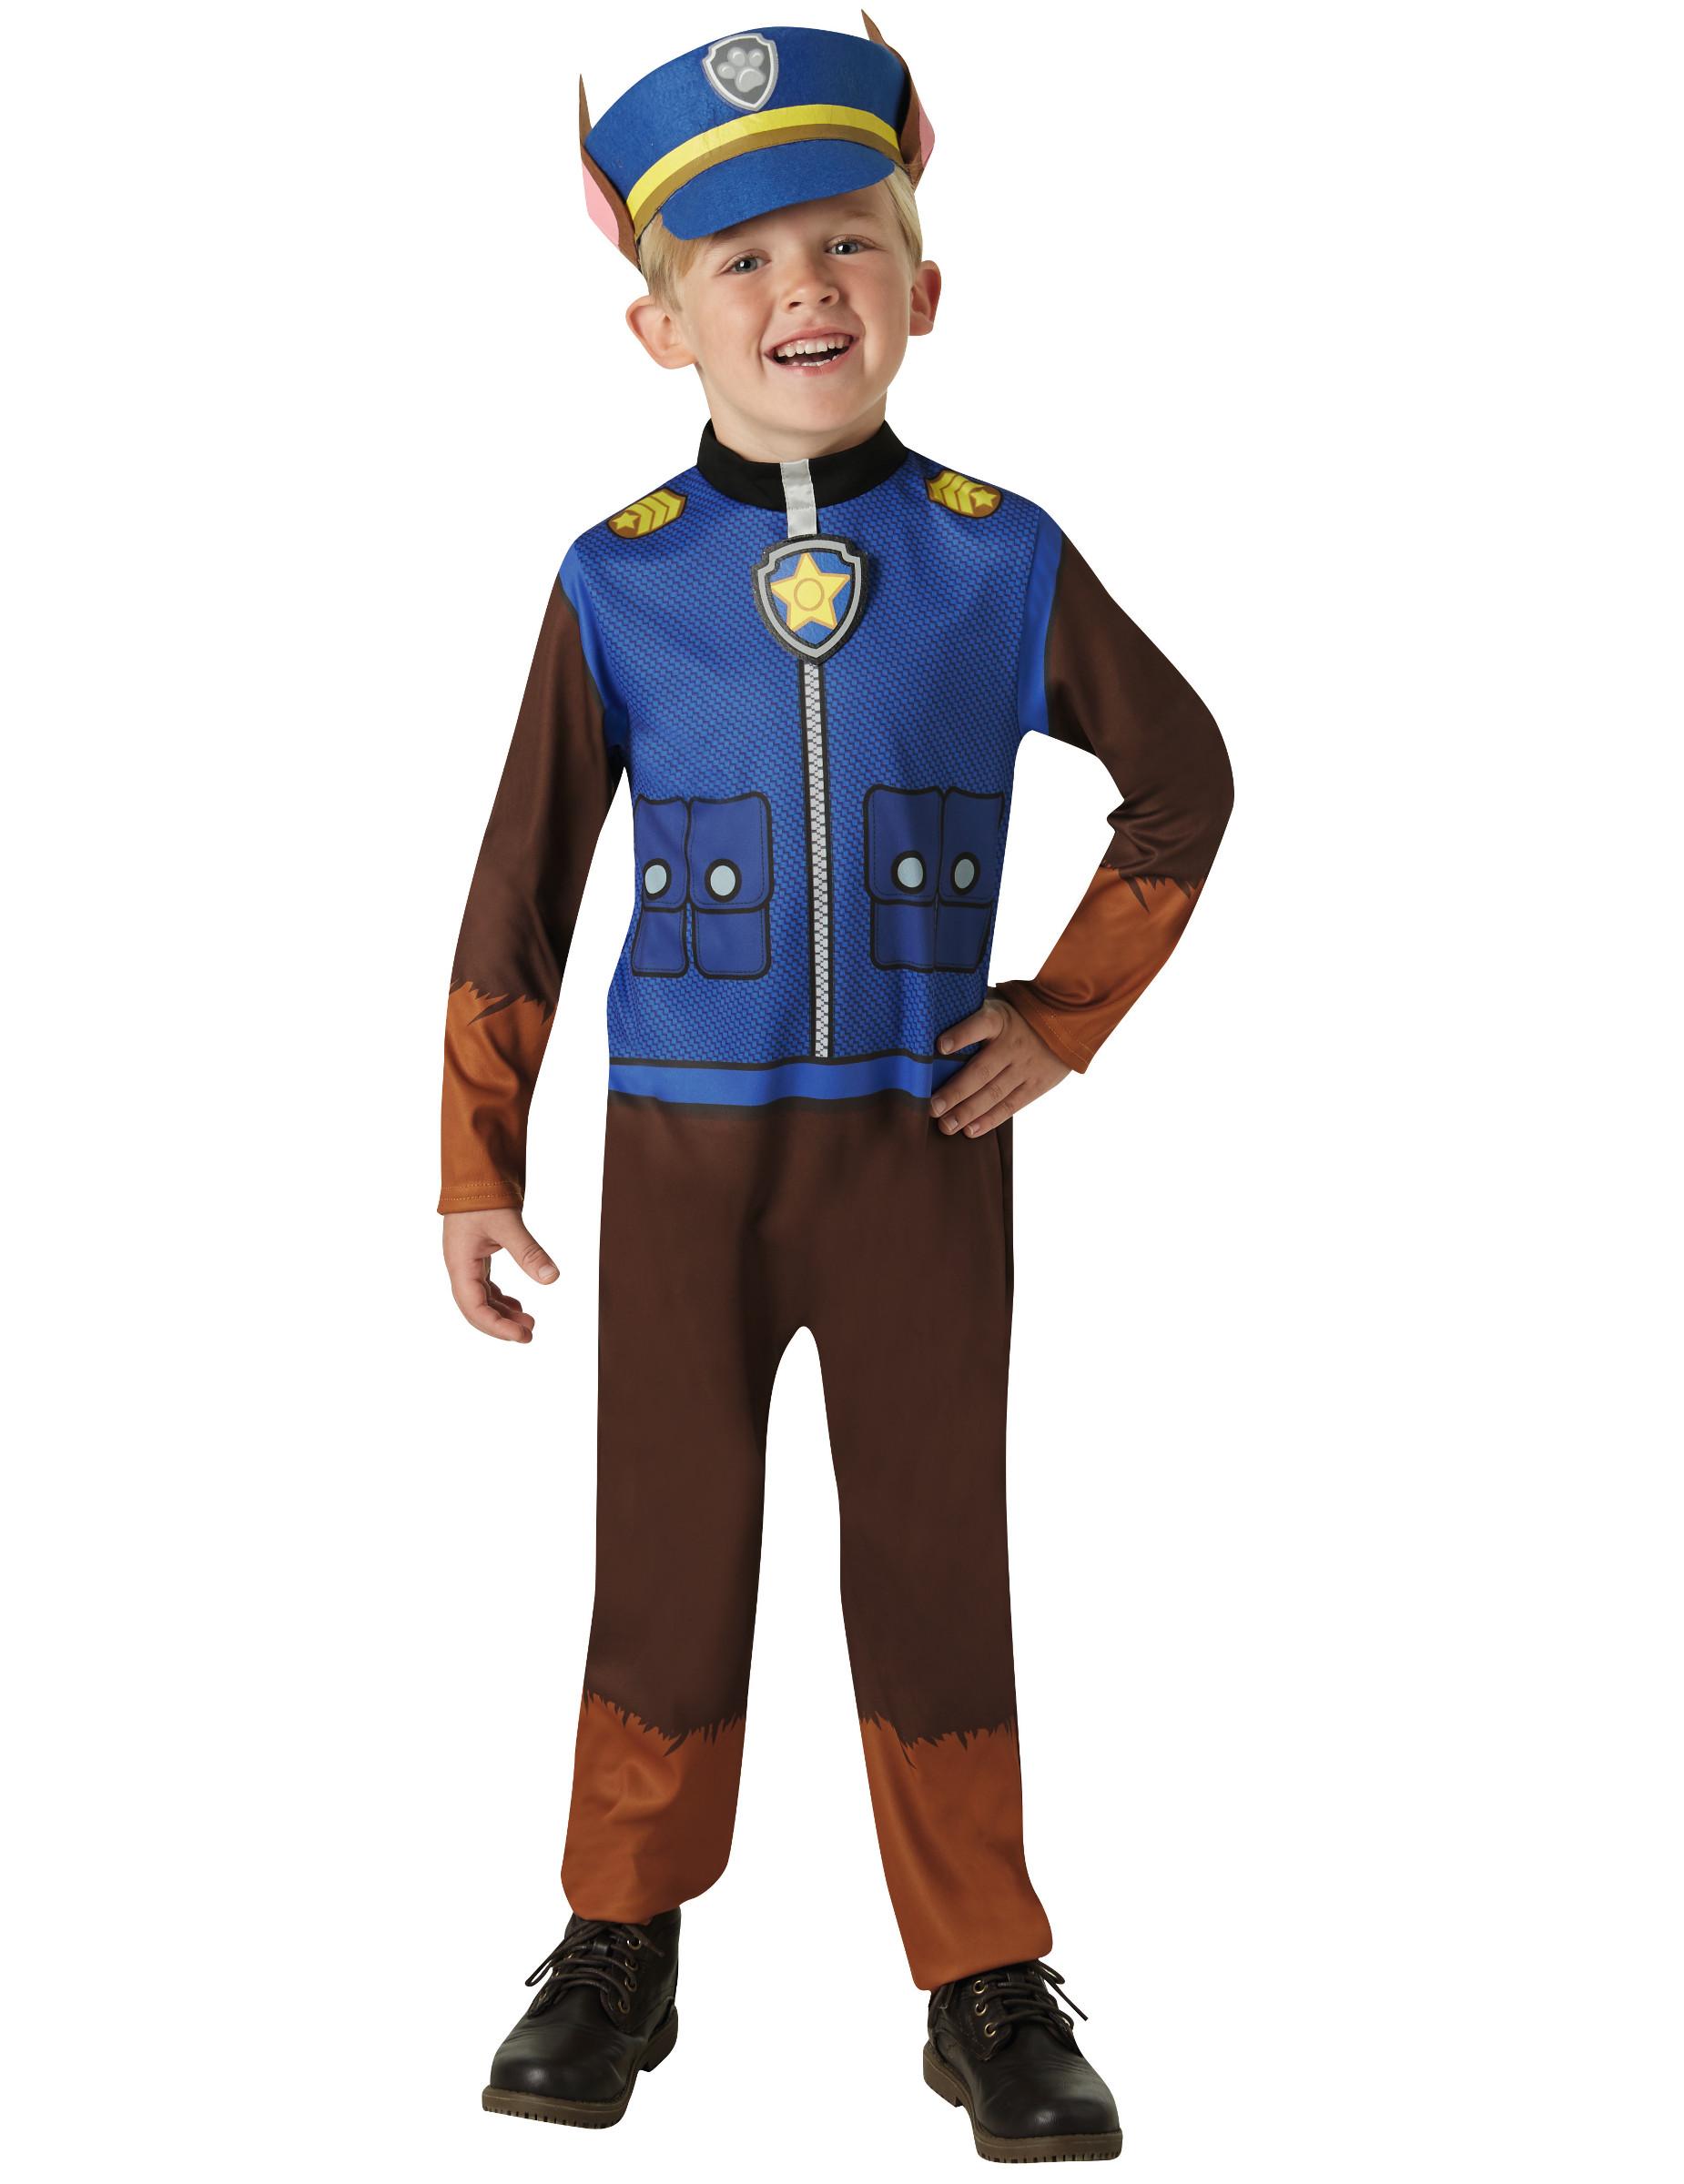 Chase från Paw Patrol™ - Maskeraddräkt för barn-1 635ba4af840a4